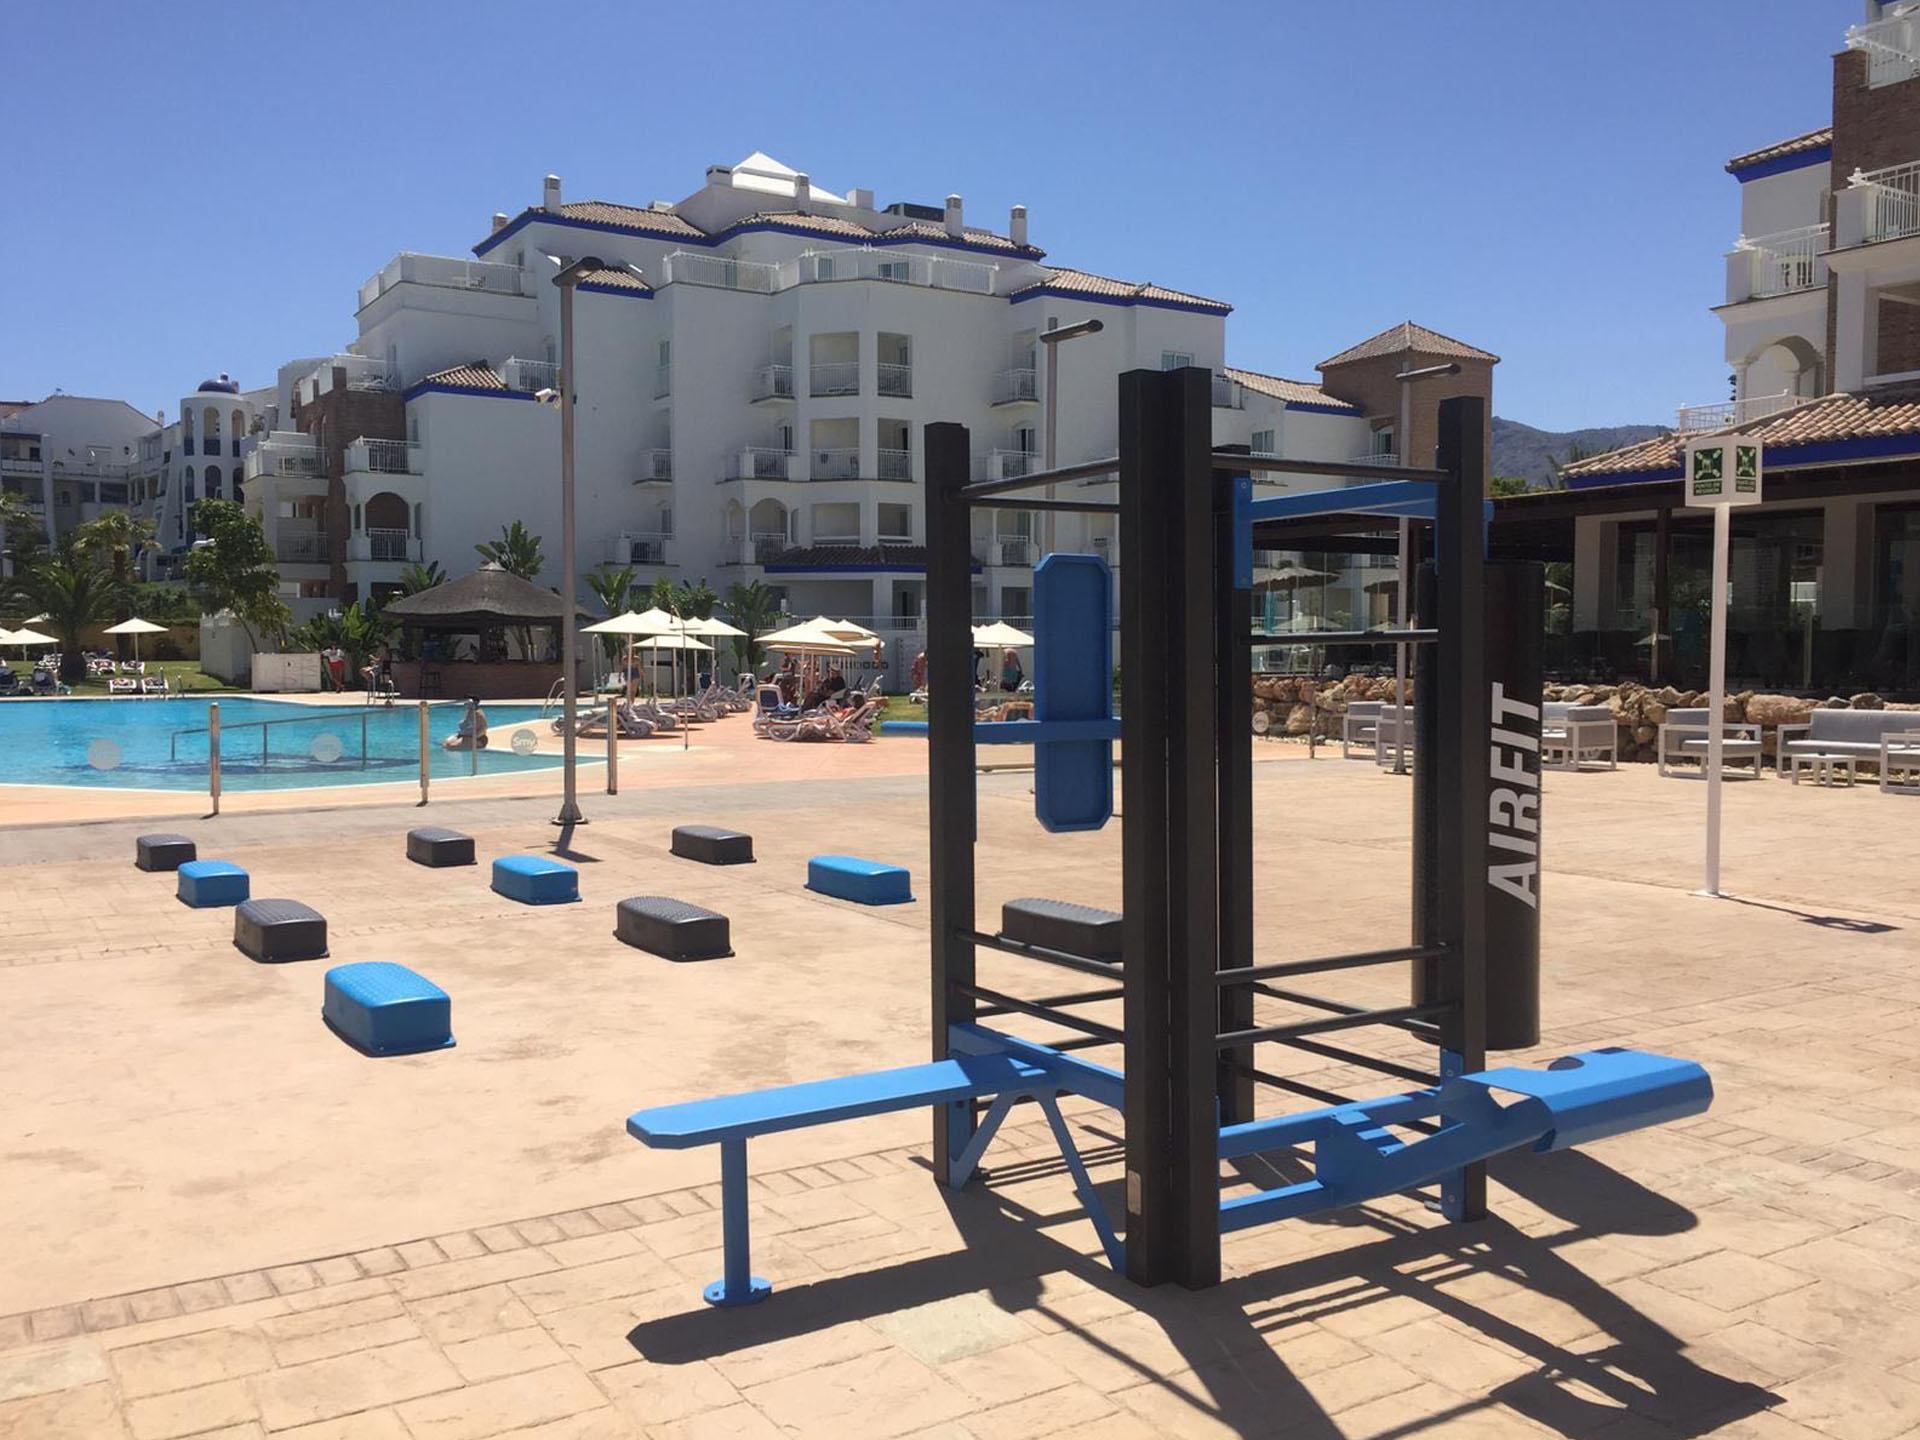 Photo de l'espace sportif à côté de la piscine de l'Hôtel SMY Malaga